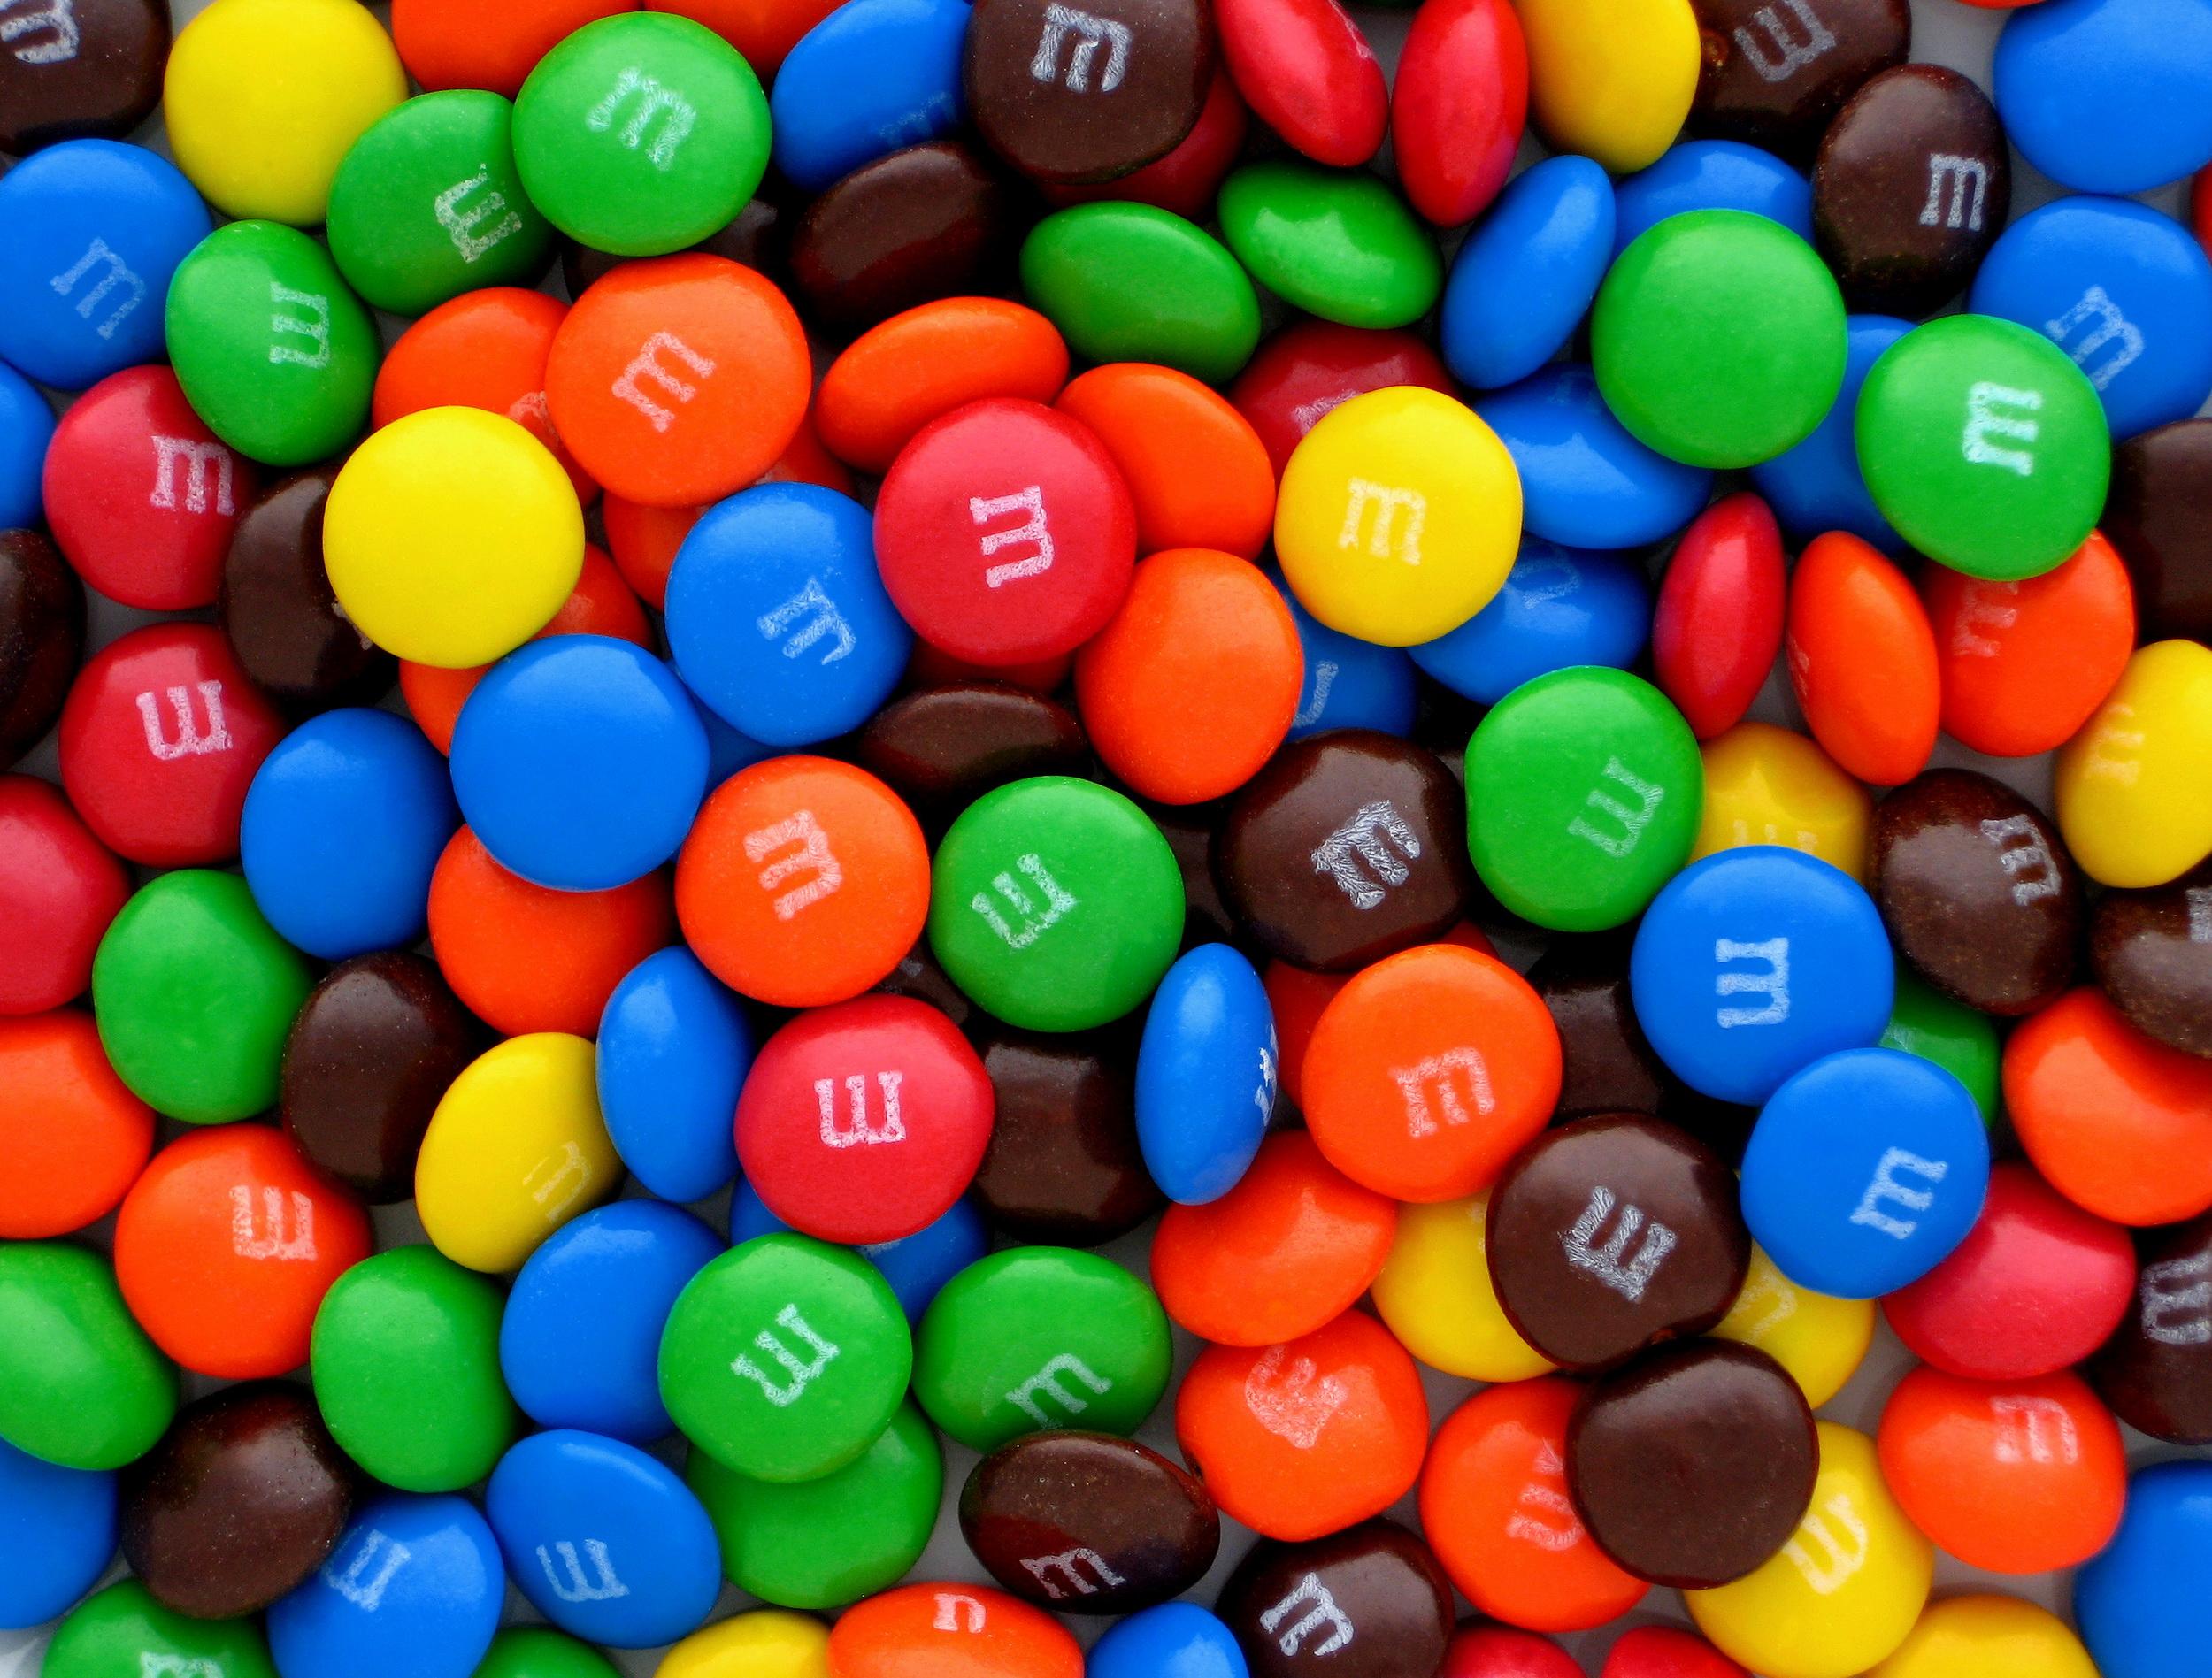 Хмільничани, обережно! В Україну завезли популярні цукерки з забороненою речовиною